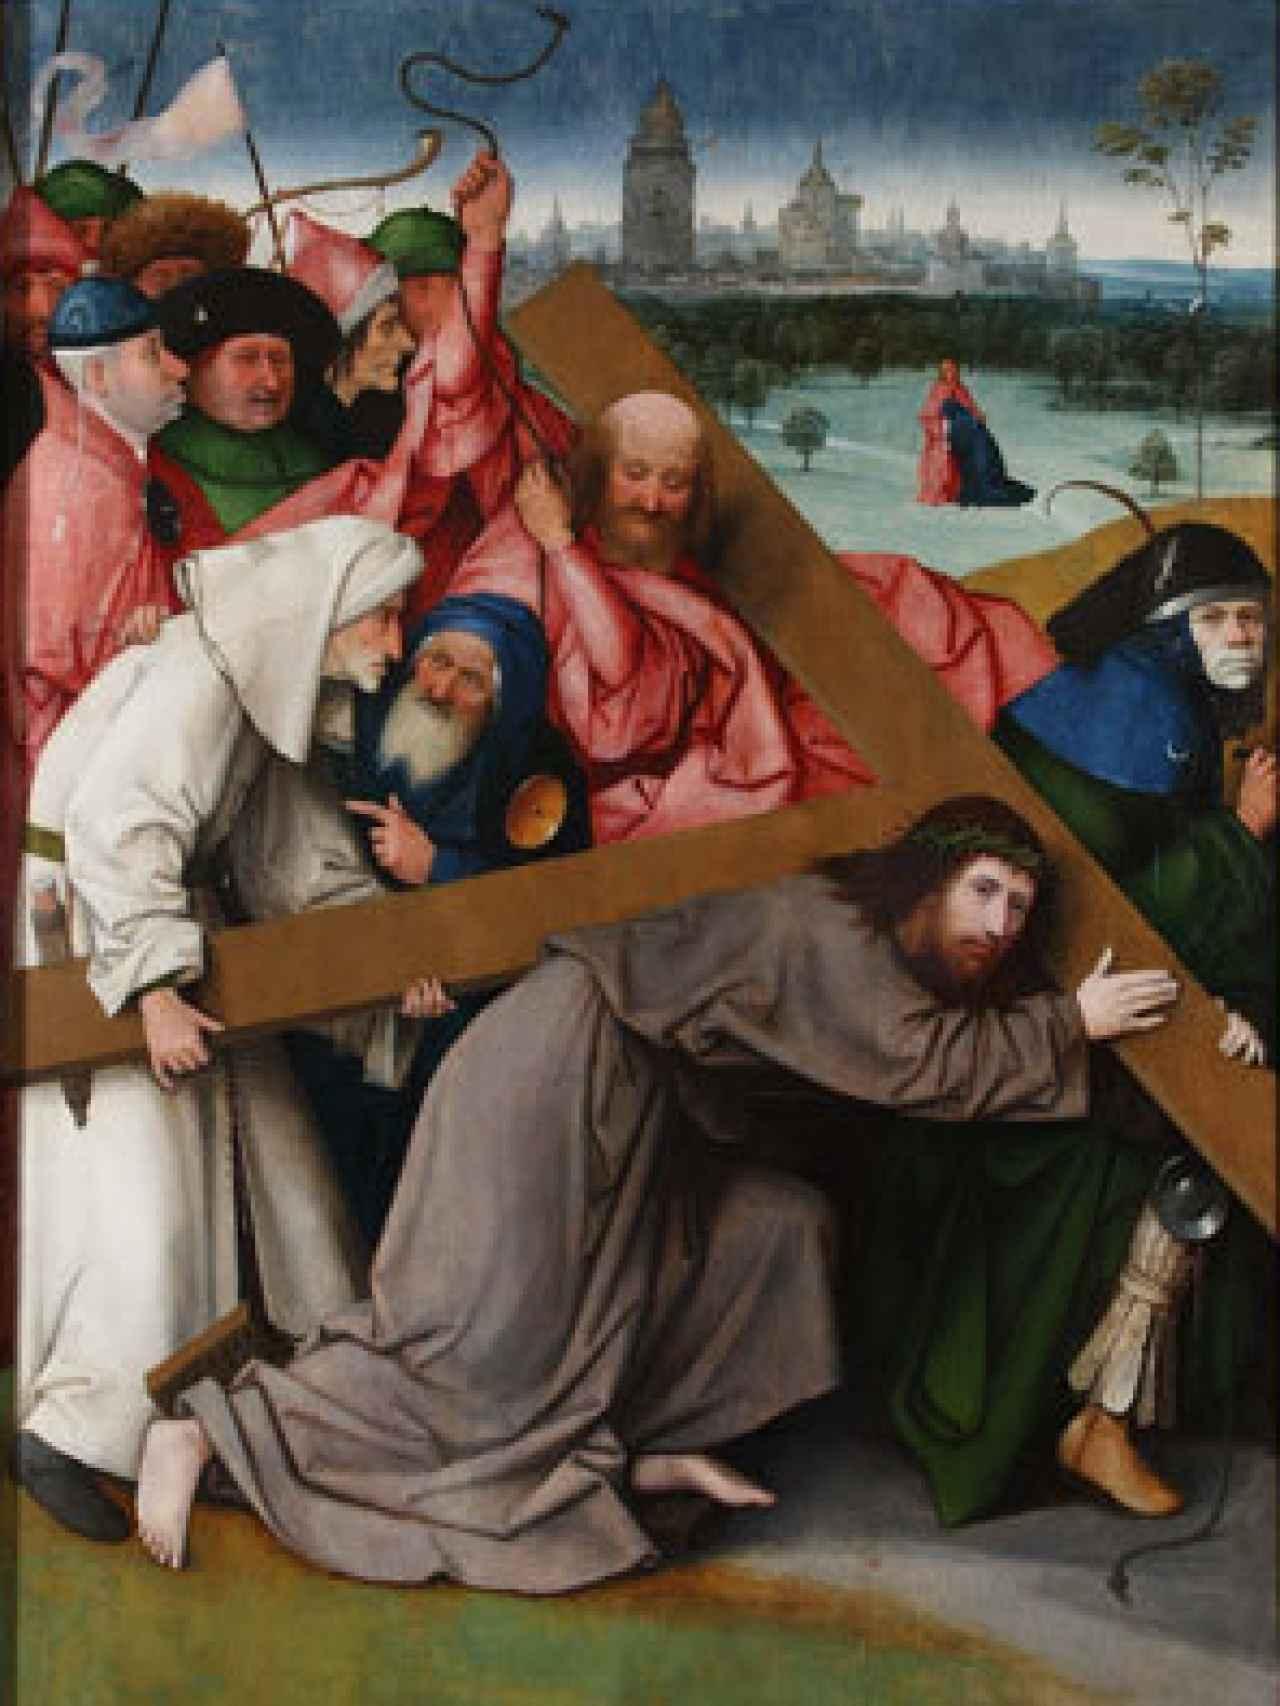 Cristo con la cruz a cuestas, de El Bosco.